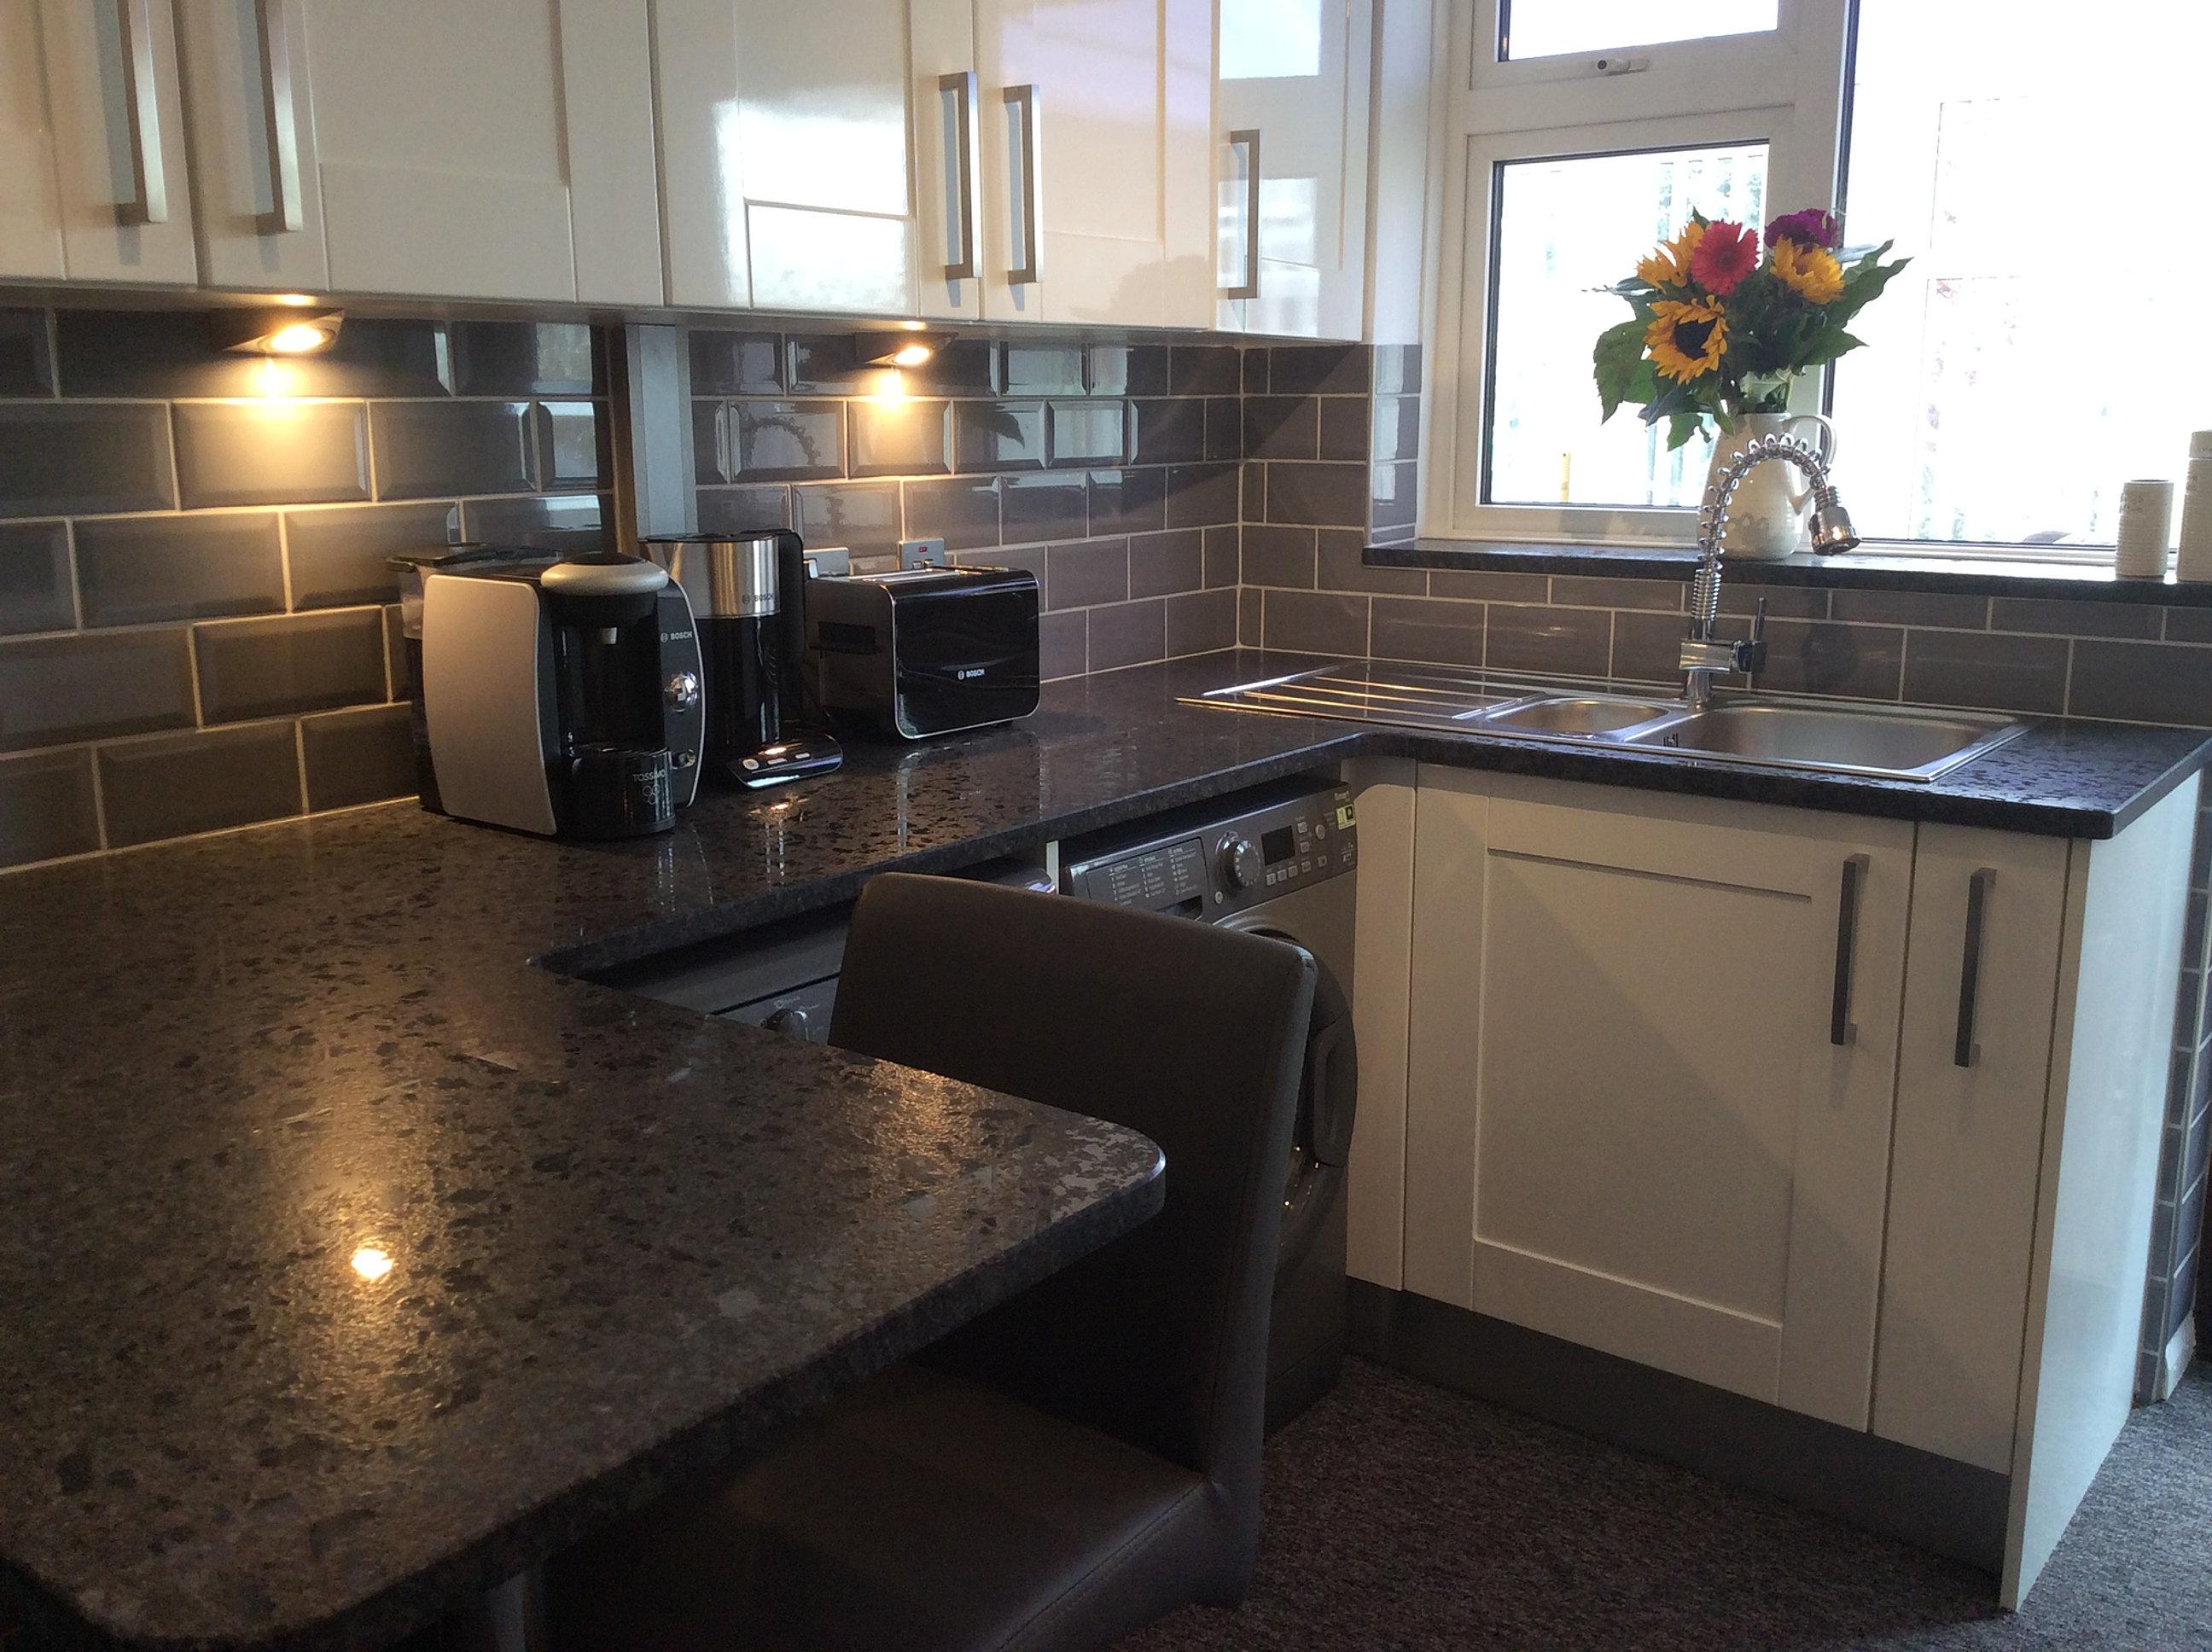 New Design Kitchens Cannock Shropshire And Staffordshire Kitchens New Kitchen Telford